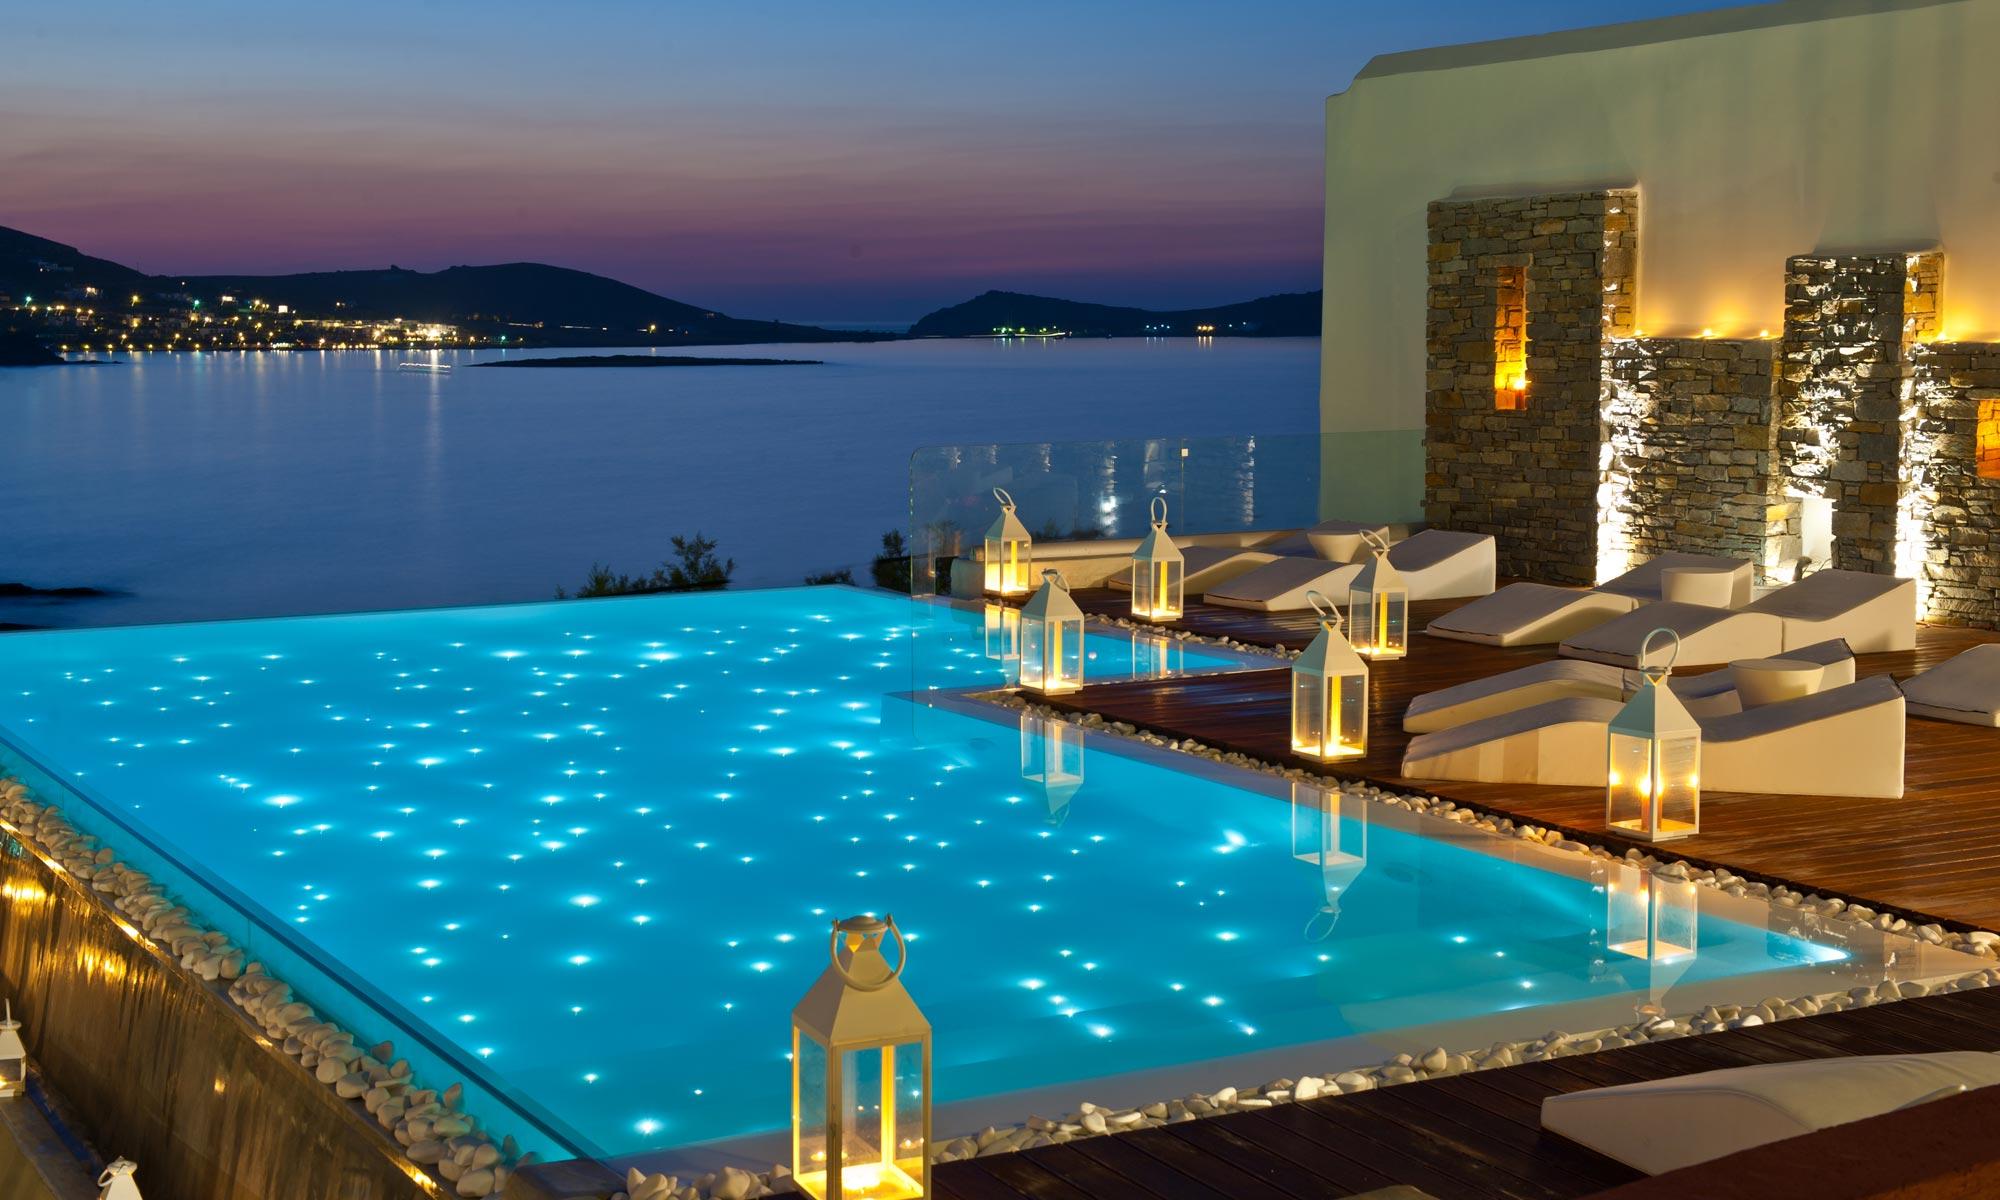 Elegir iluminaci n de fibra ptica para piscina for Iluminacion led piscinas